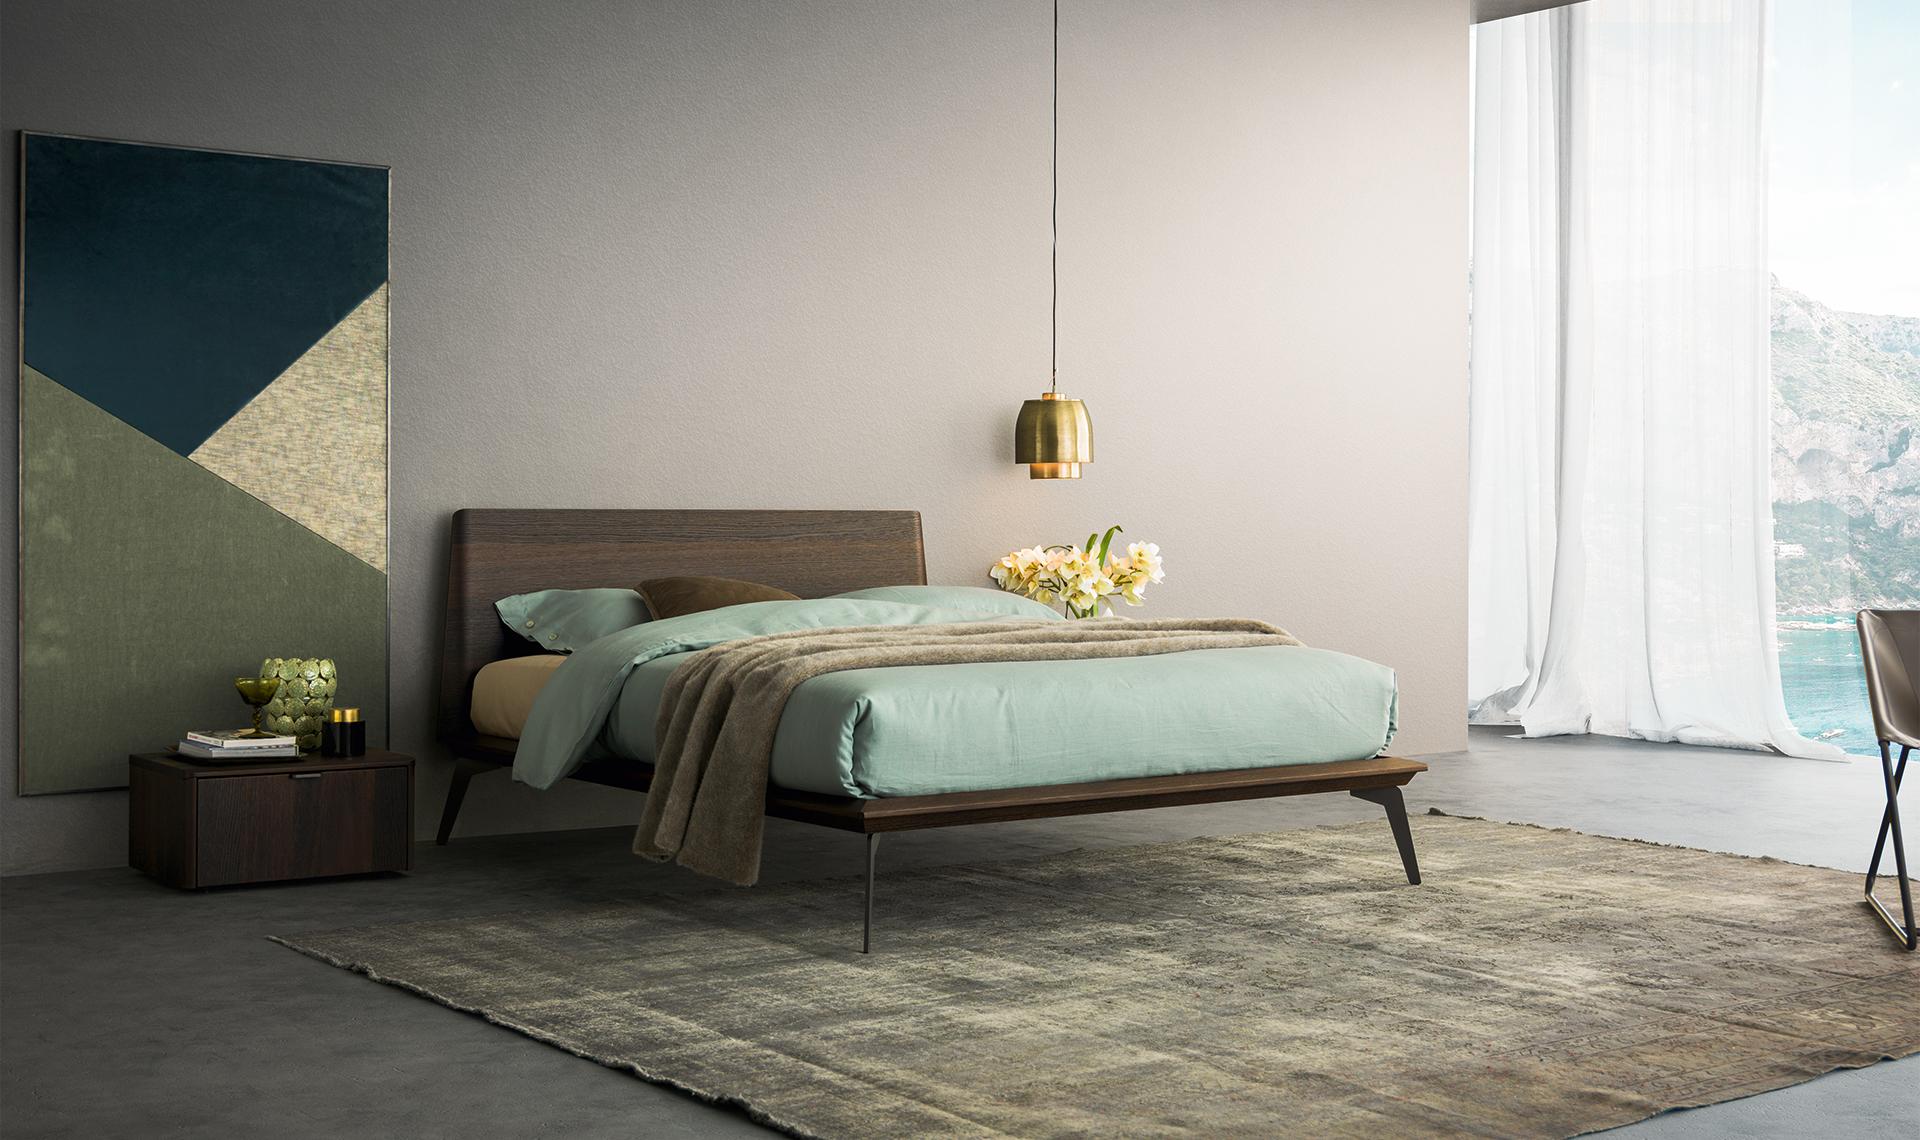 Xilo bed